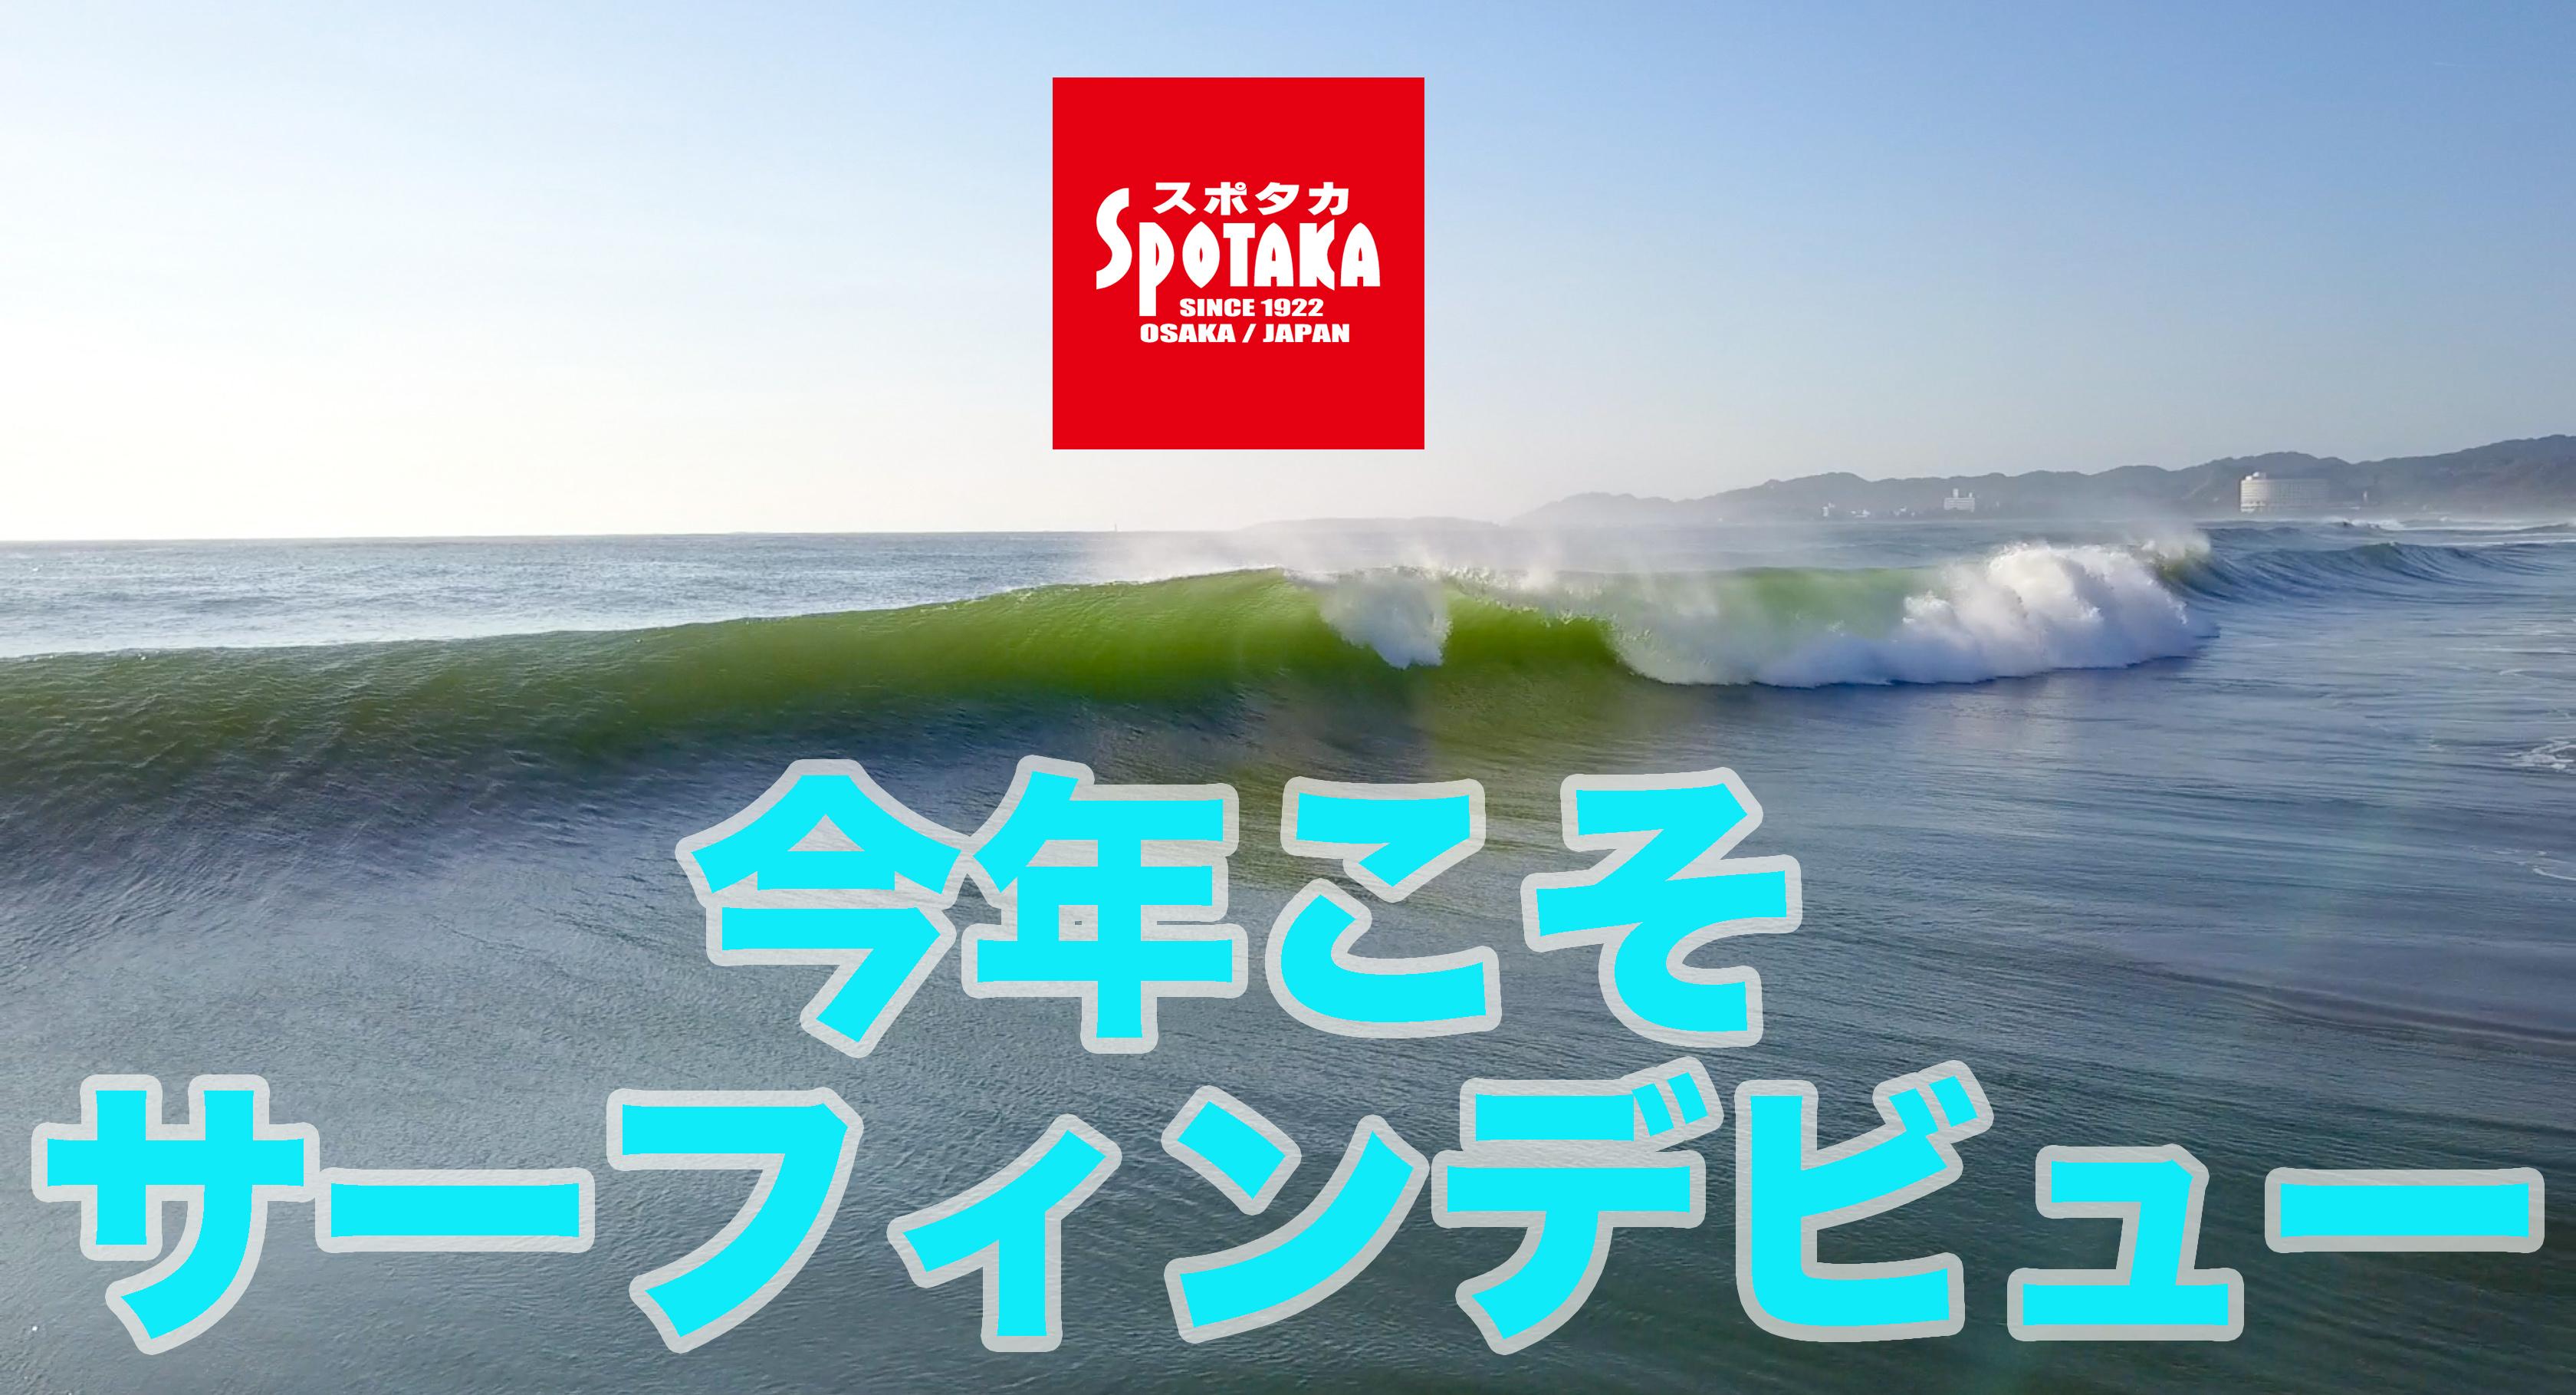 夏直前!今年こそサーフィンデビューをスポタカから始めませんか?